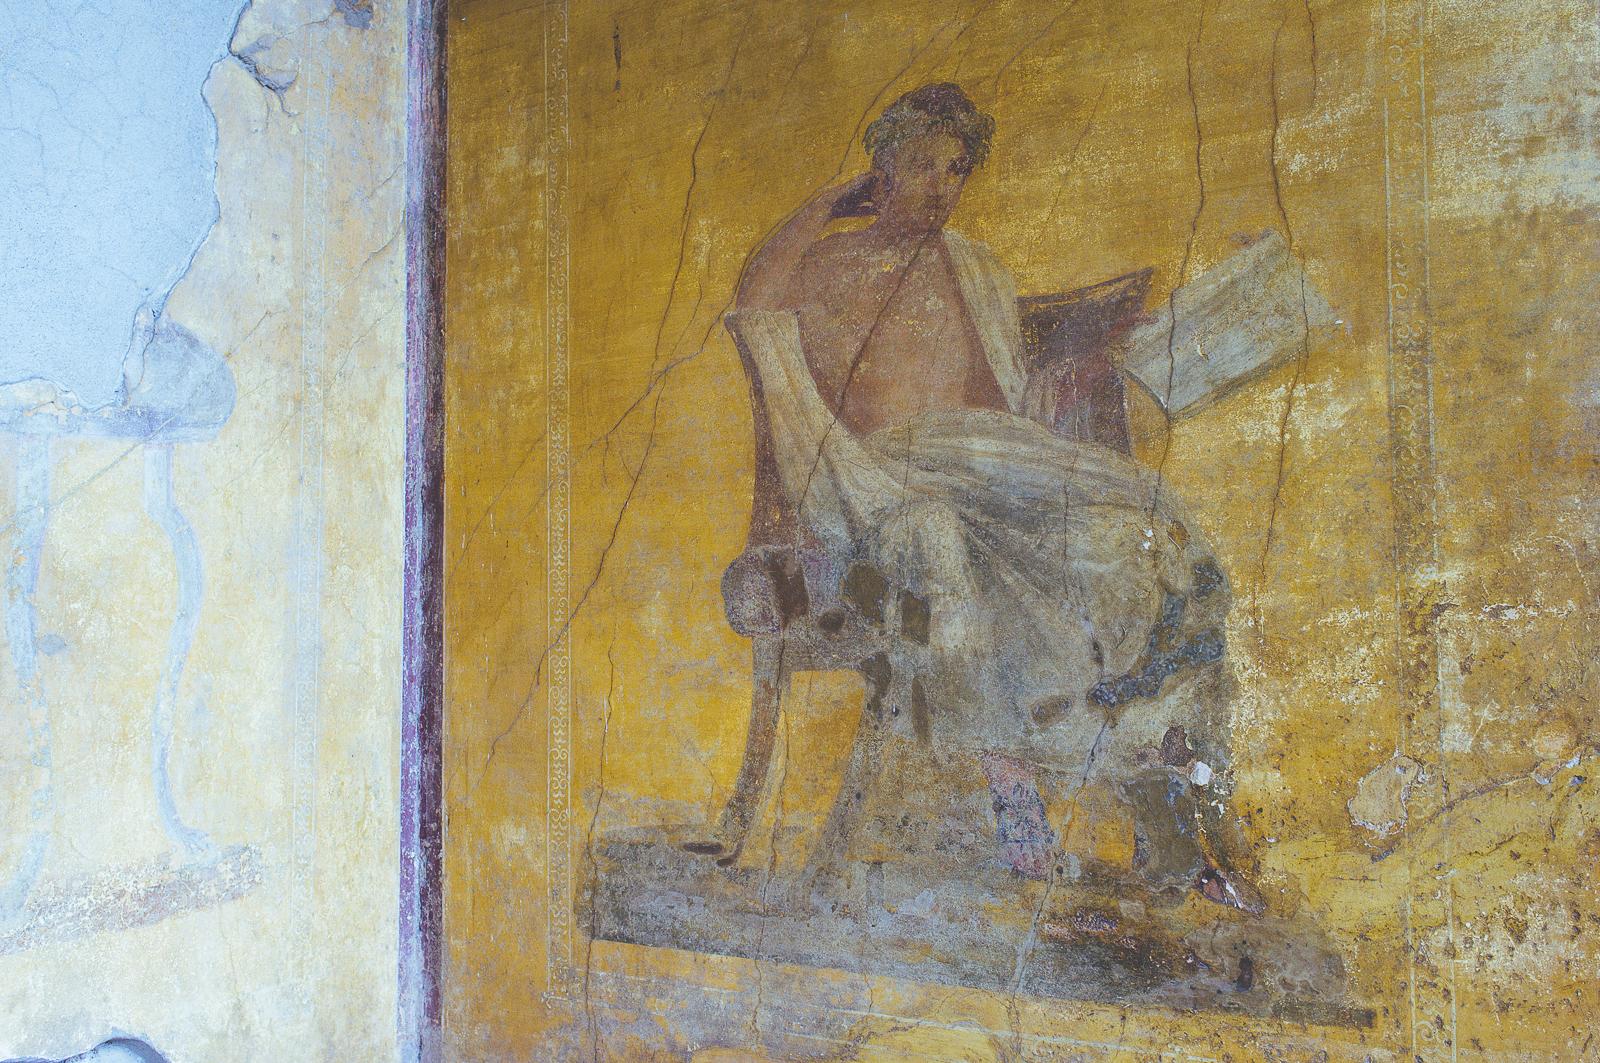 Mural in Casa del Menandro